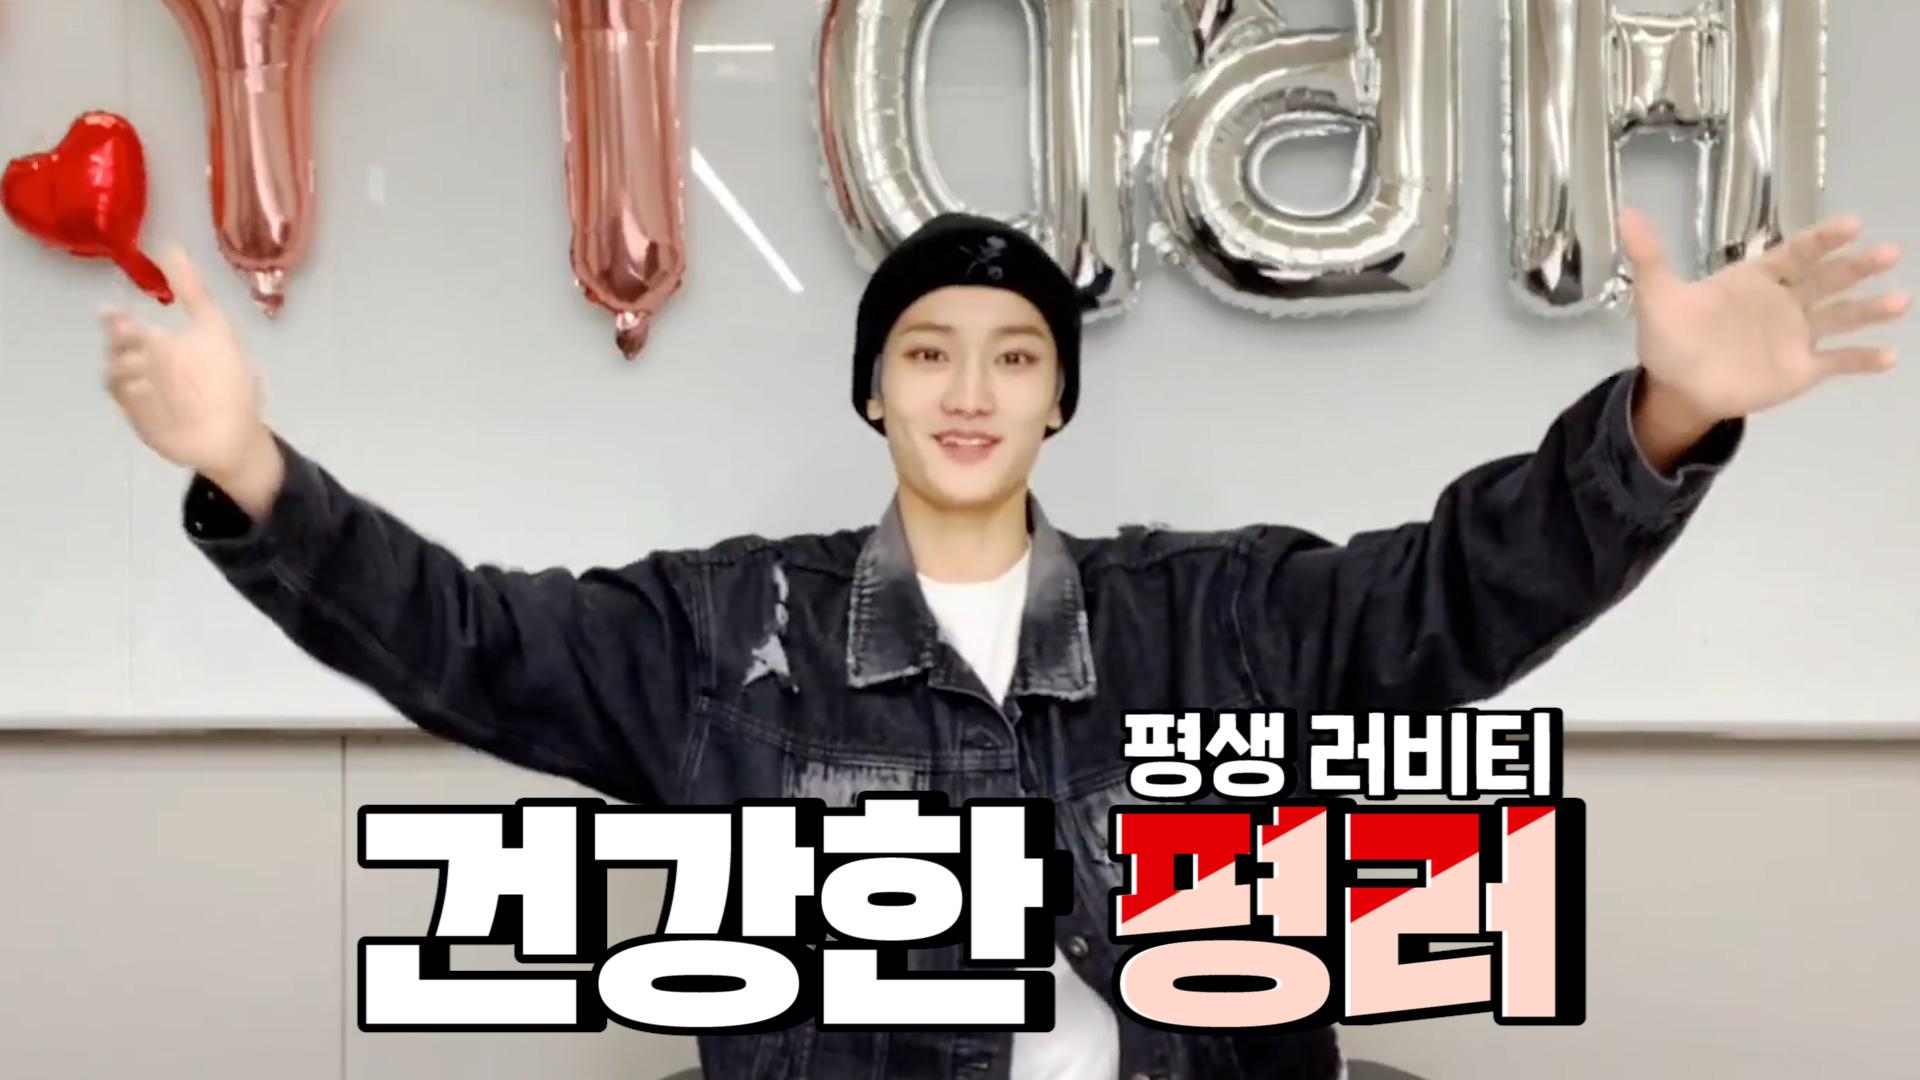 [CRAVITY] 내 인생계획: 평생 '건강하게(중요)' 러비티 하기🌹 (HAPPY TAEYOUNG DAY!)